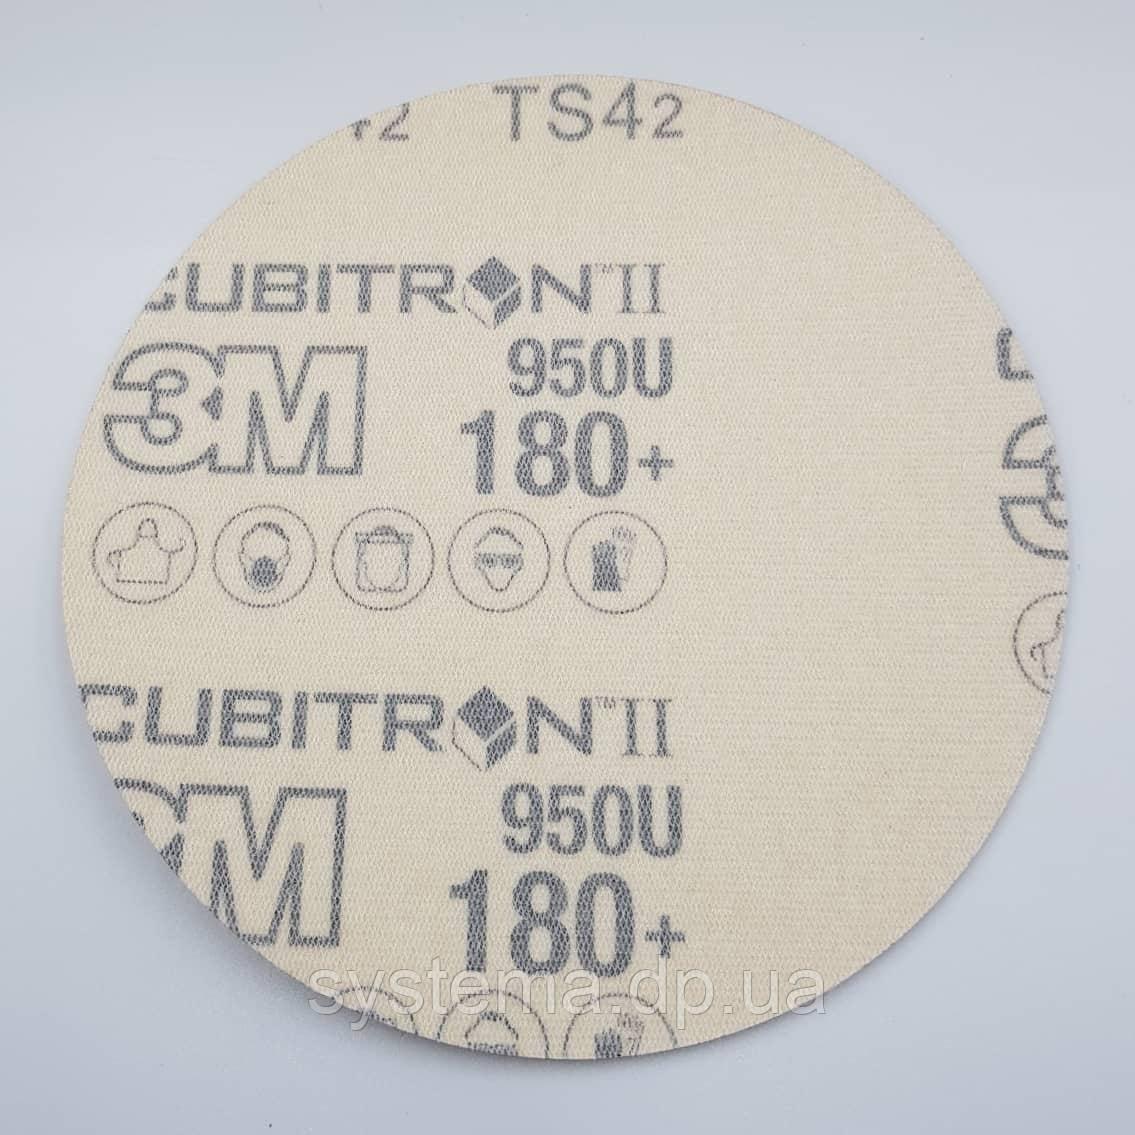 Шліфувальний круг без отворів, діаметр 127 мм, Р180+ - 3M Cubitron Hookit II 950U